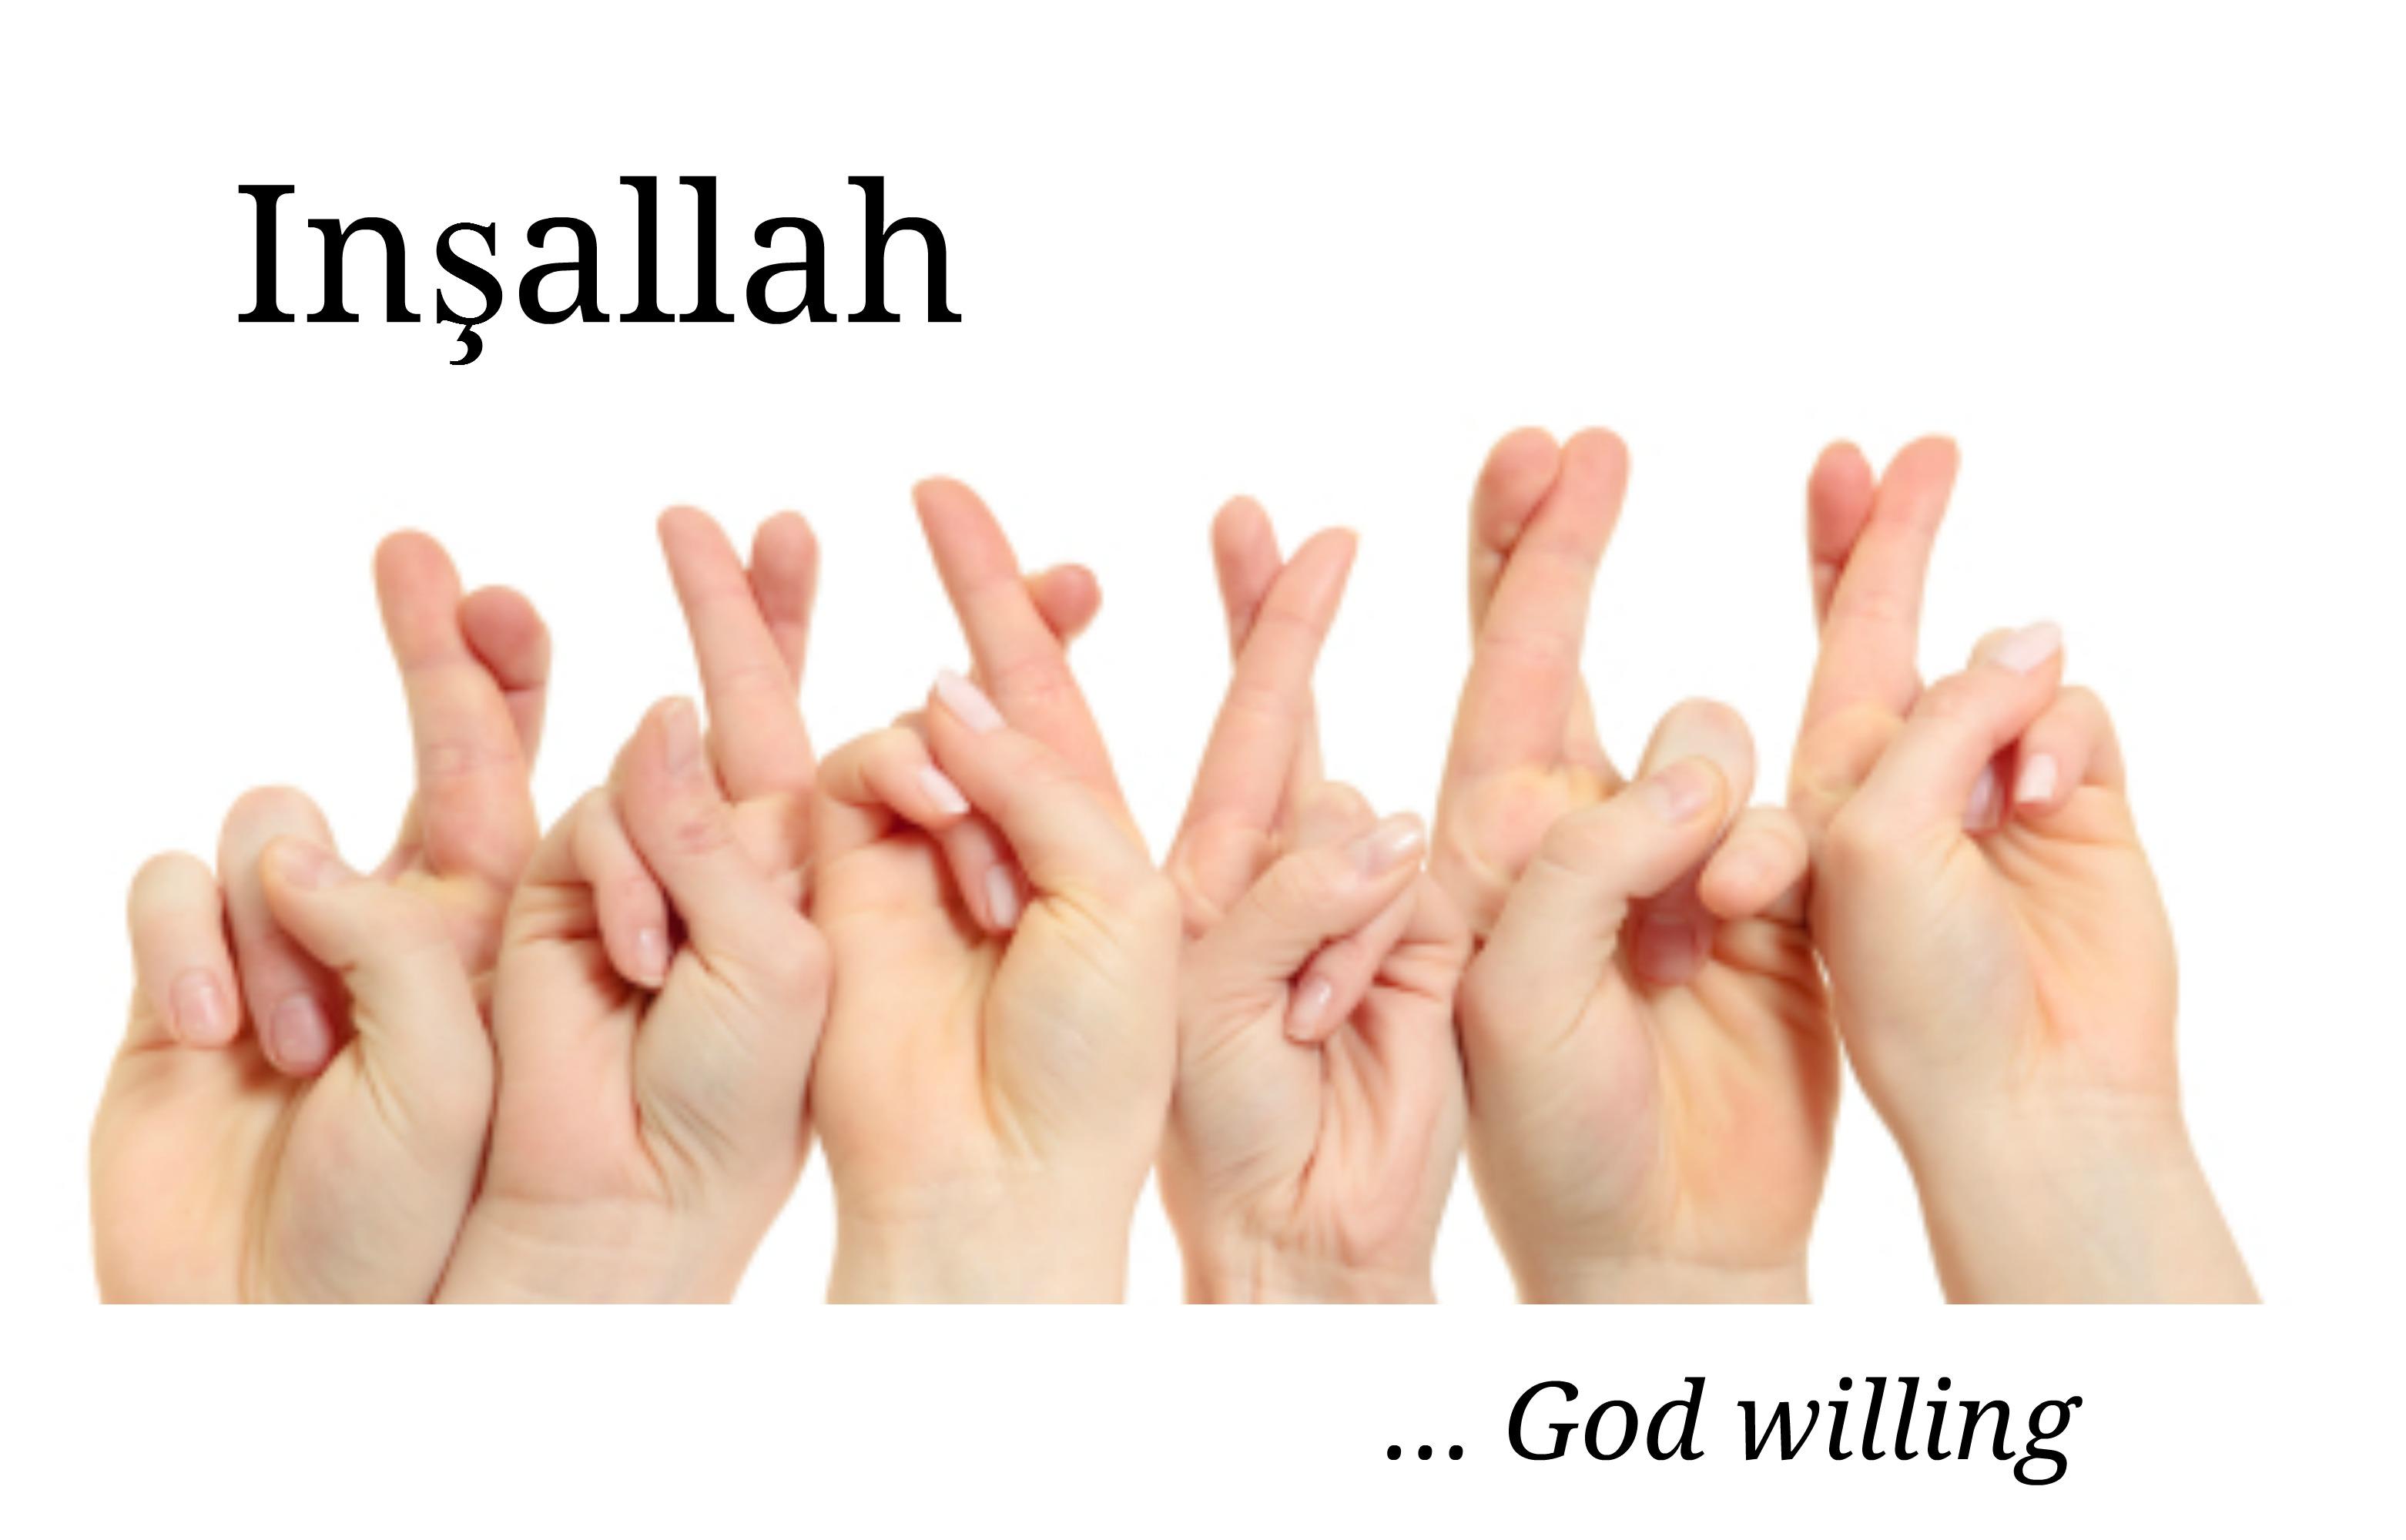 Insallah, Turkish language